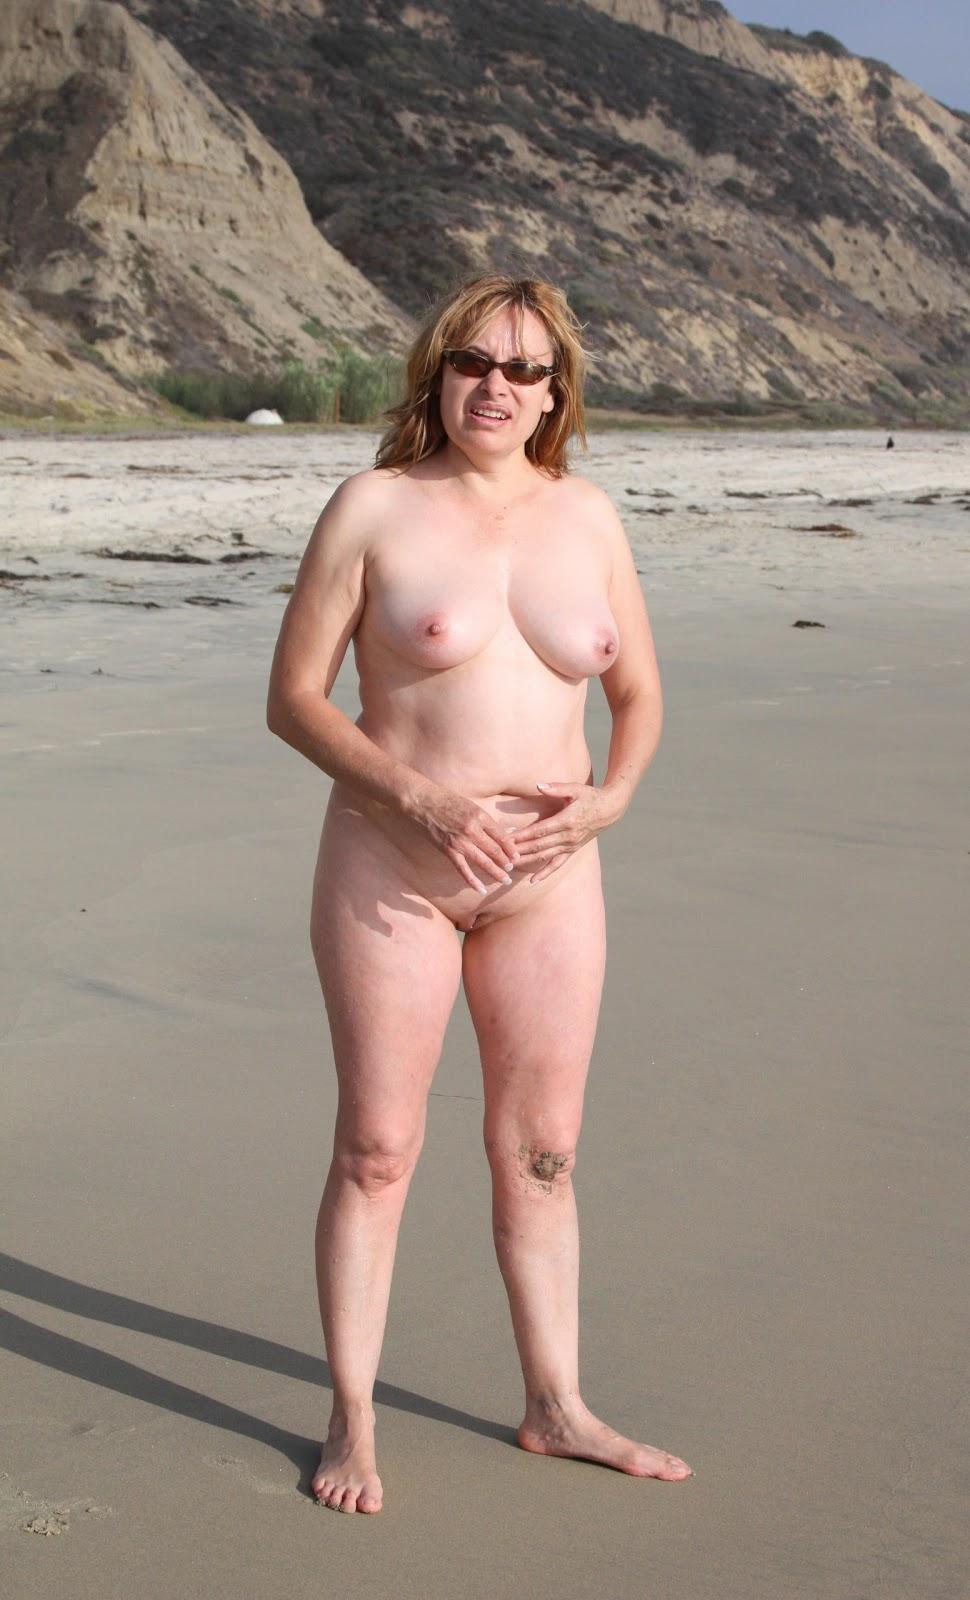 Nude softcore mature women photo need